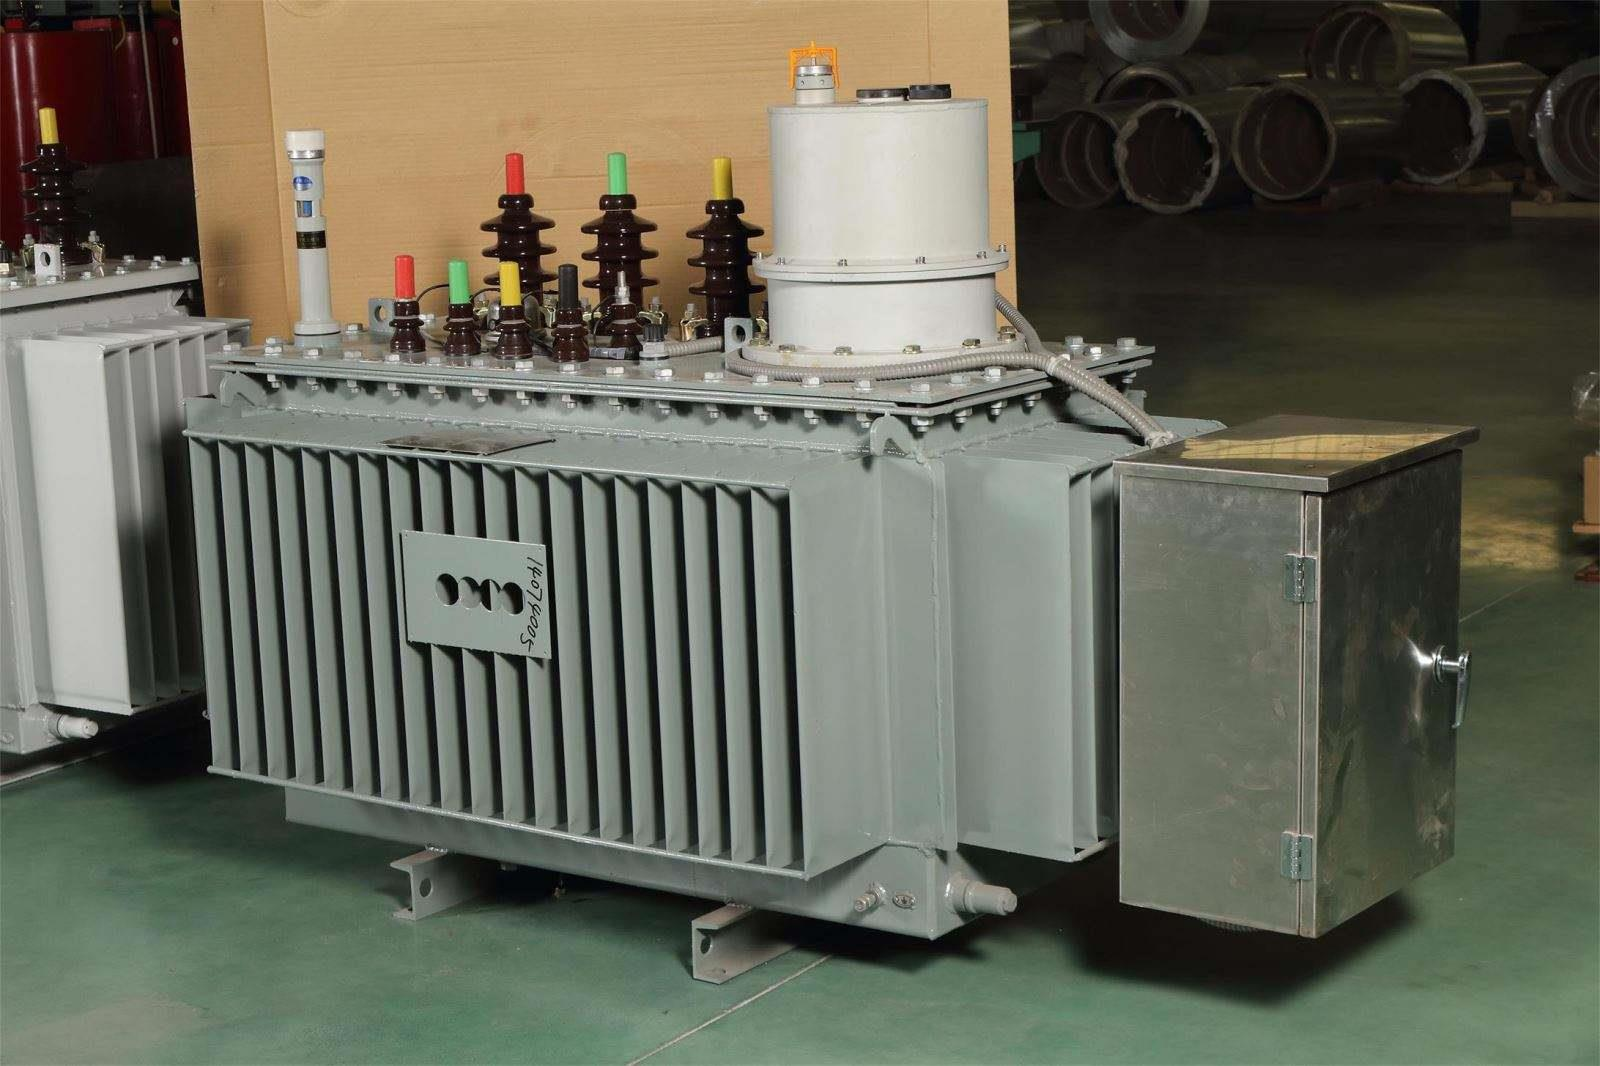 山东欧玛嘉宝电气因6个月内累计3次抽检不合格被停标6个月